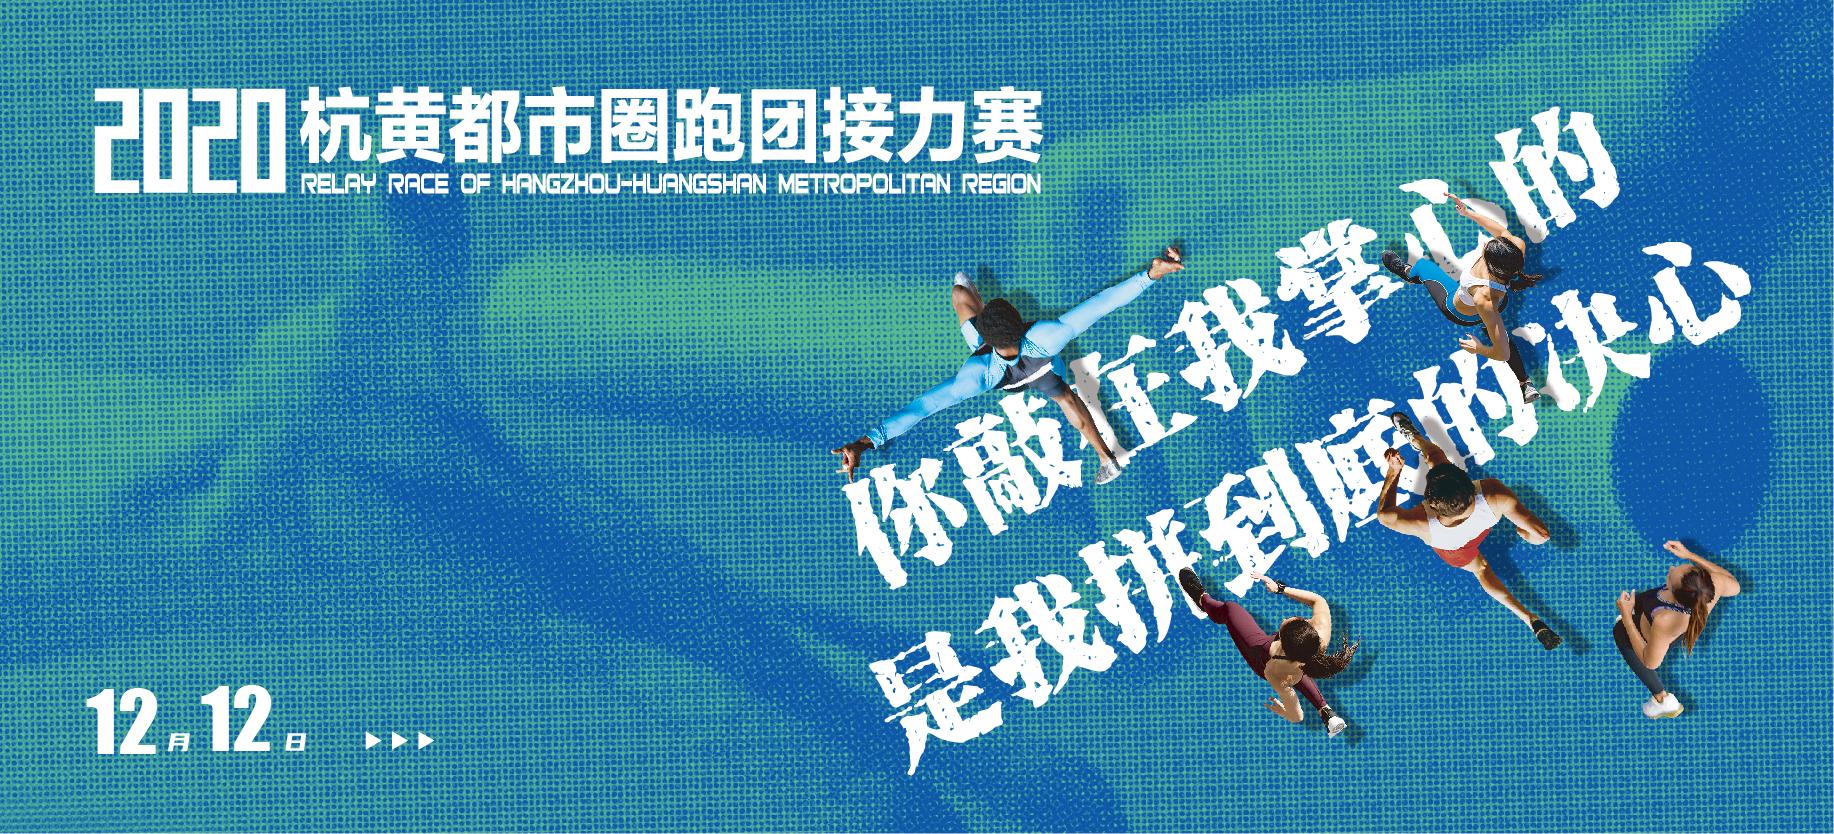 2020杭黄都市圈跑团接力赛